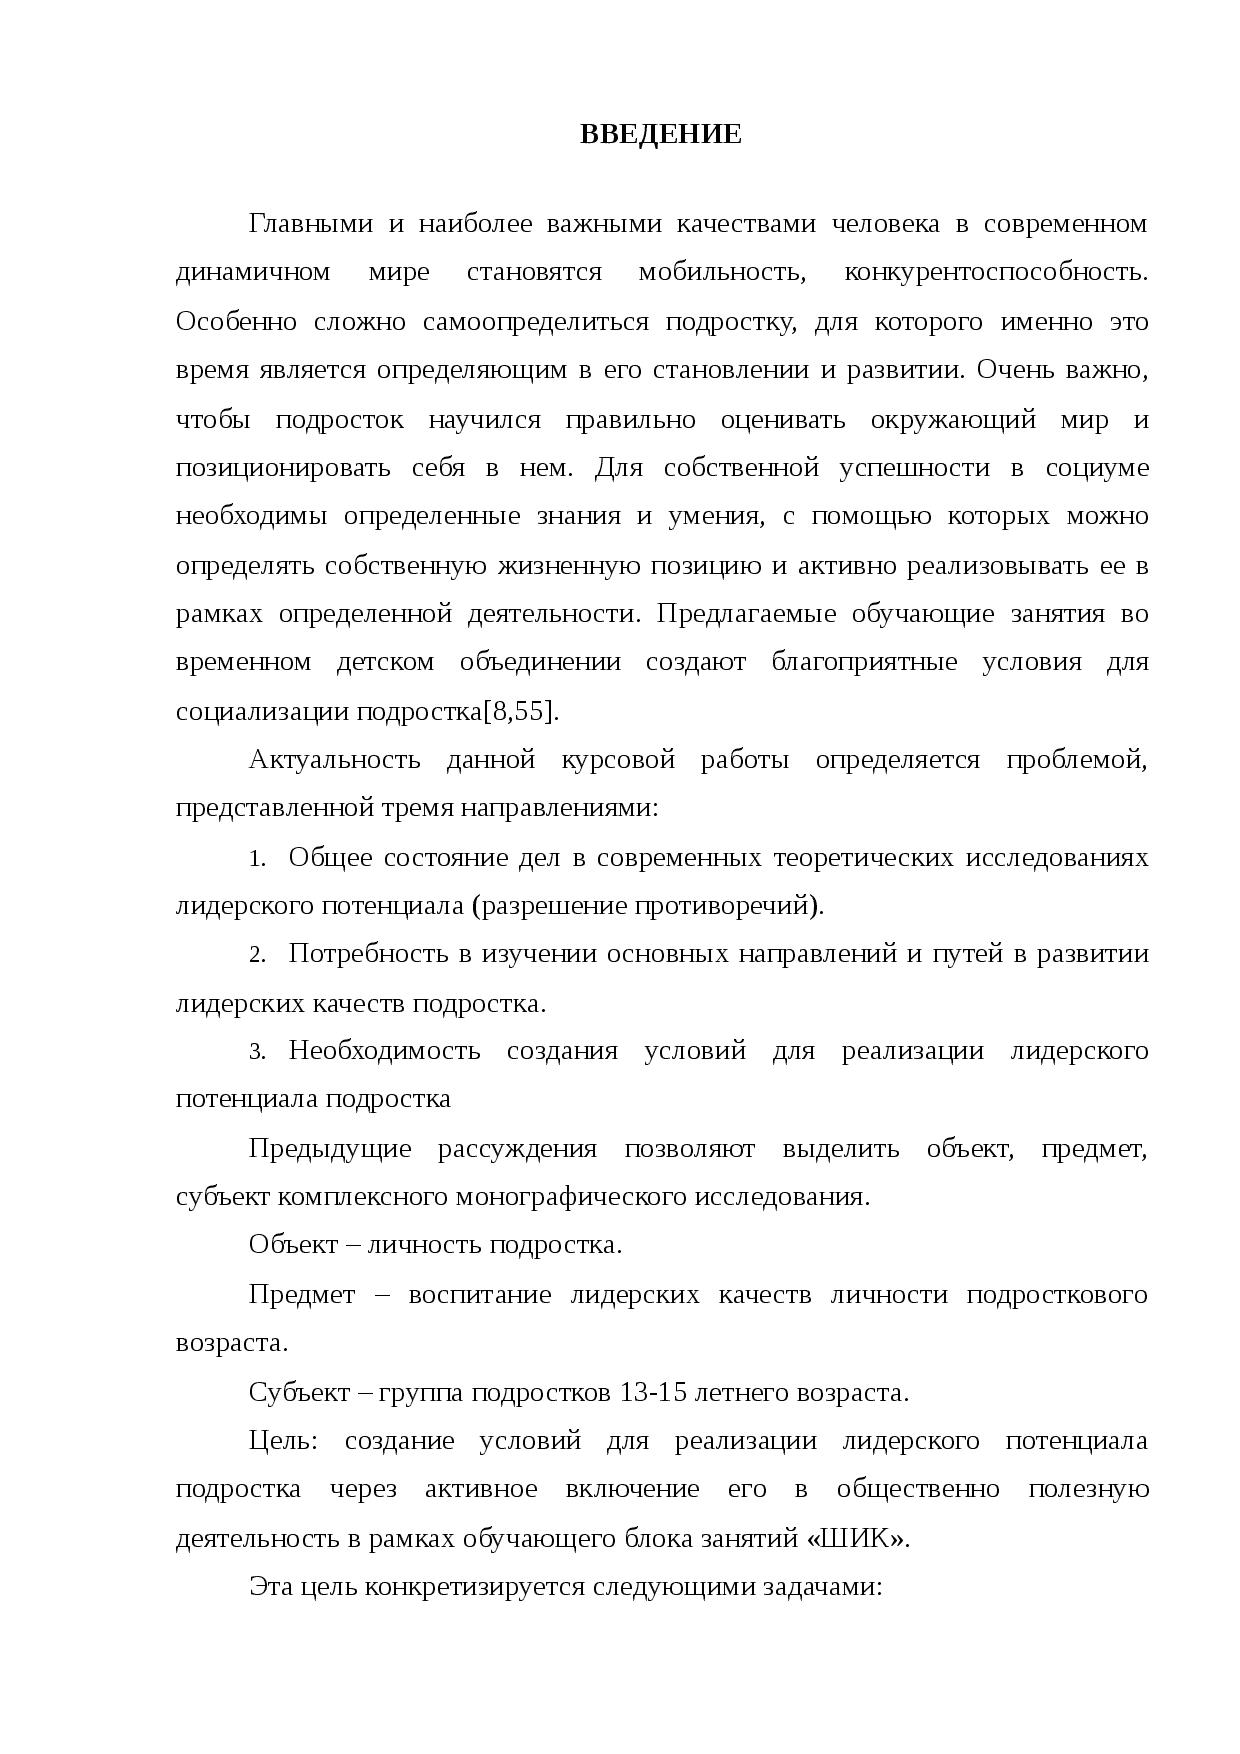 Законы и основные качества психологии лидера